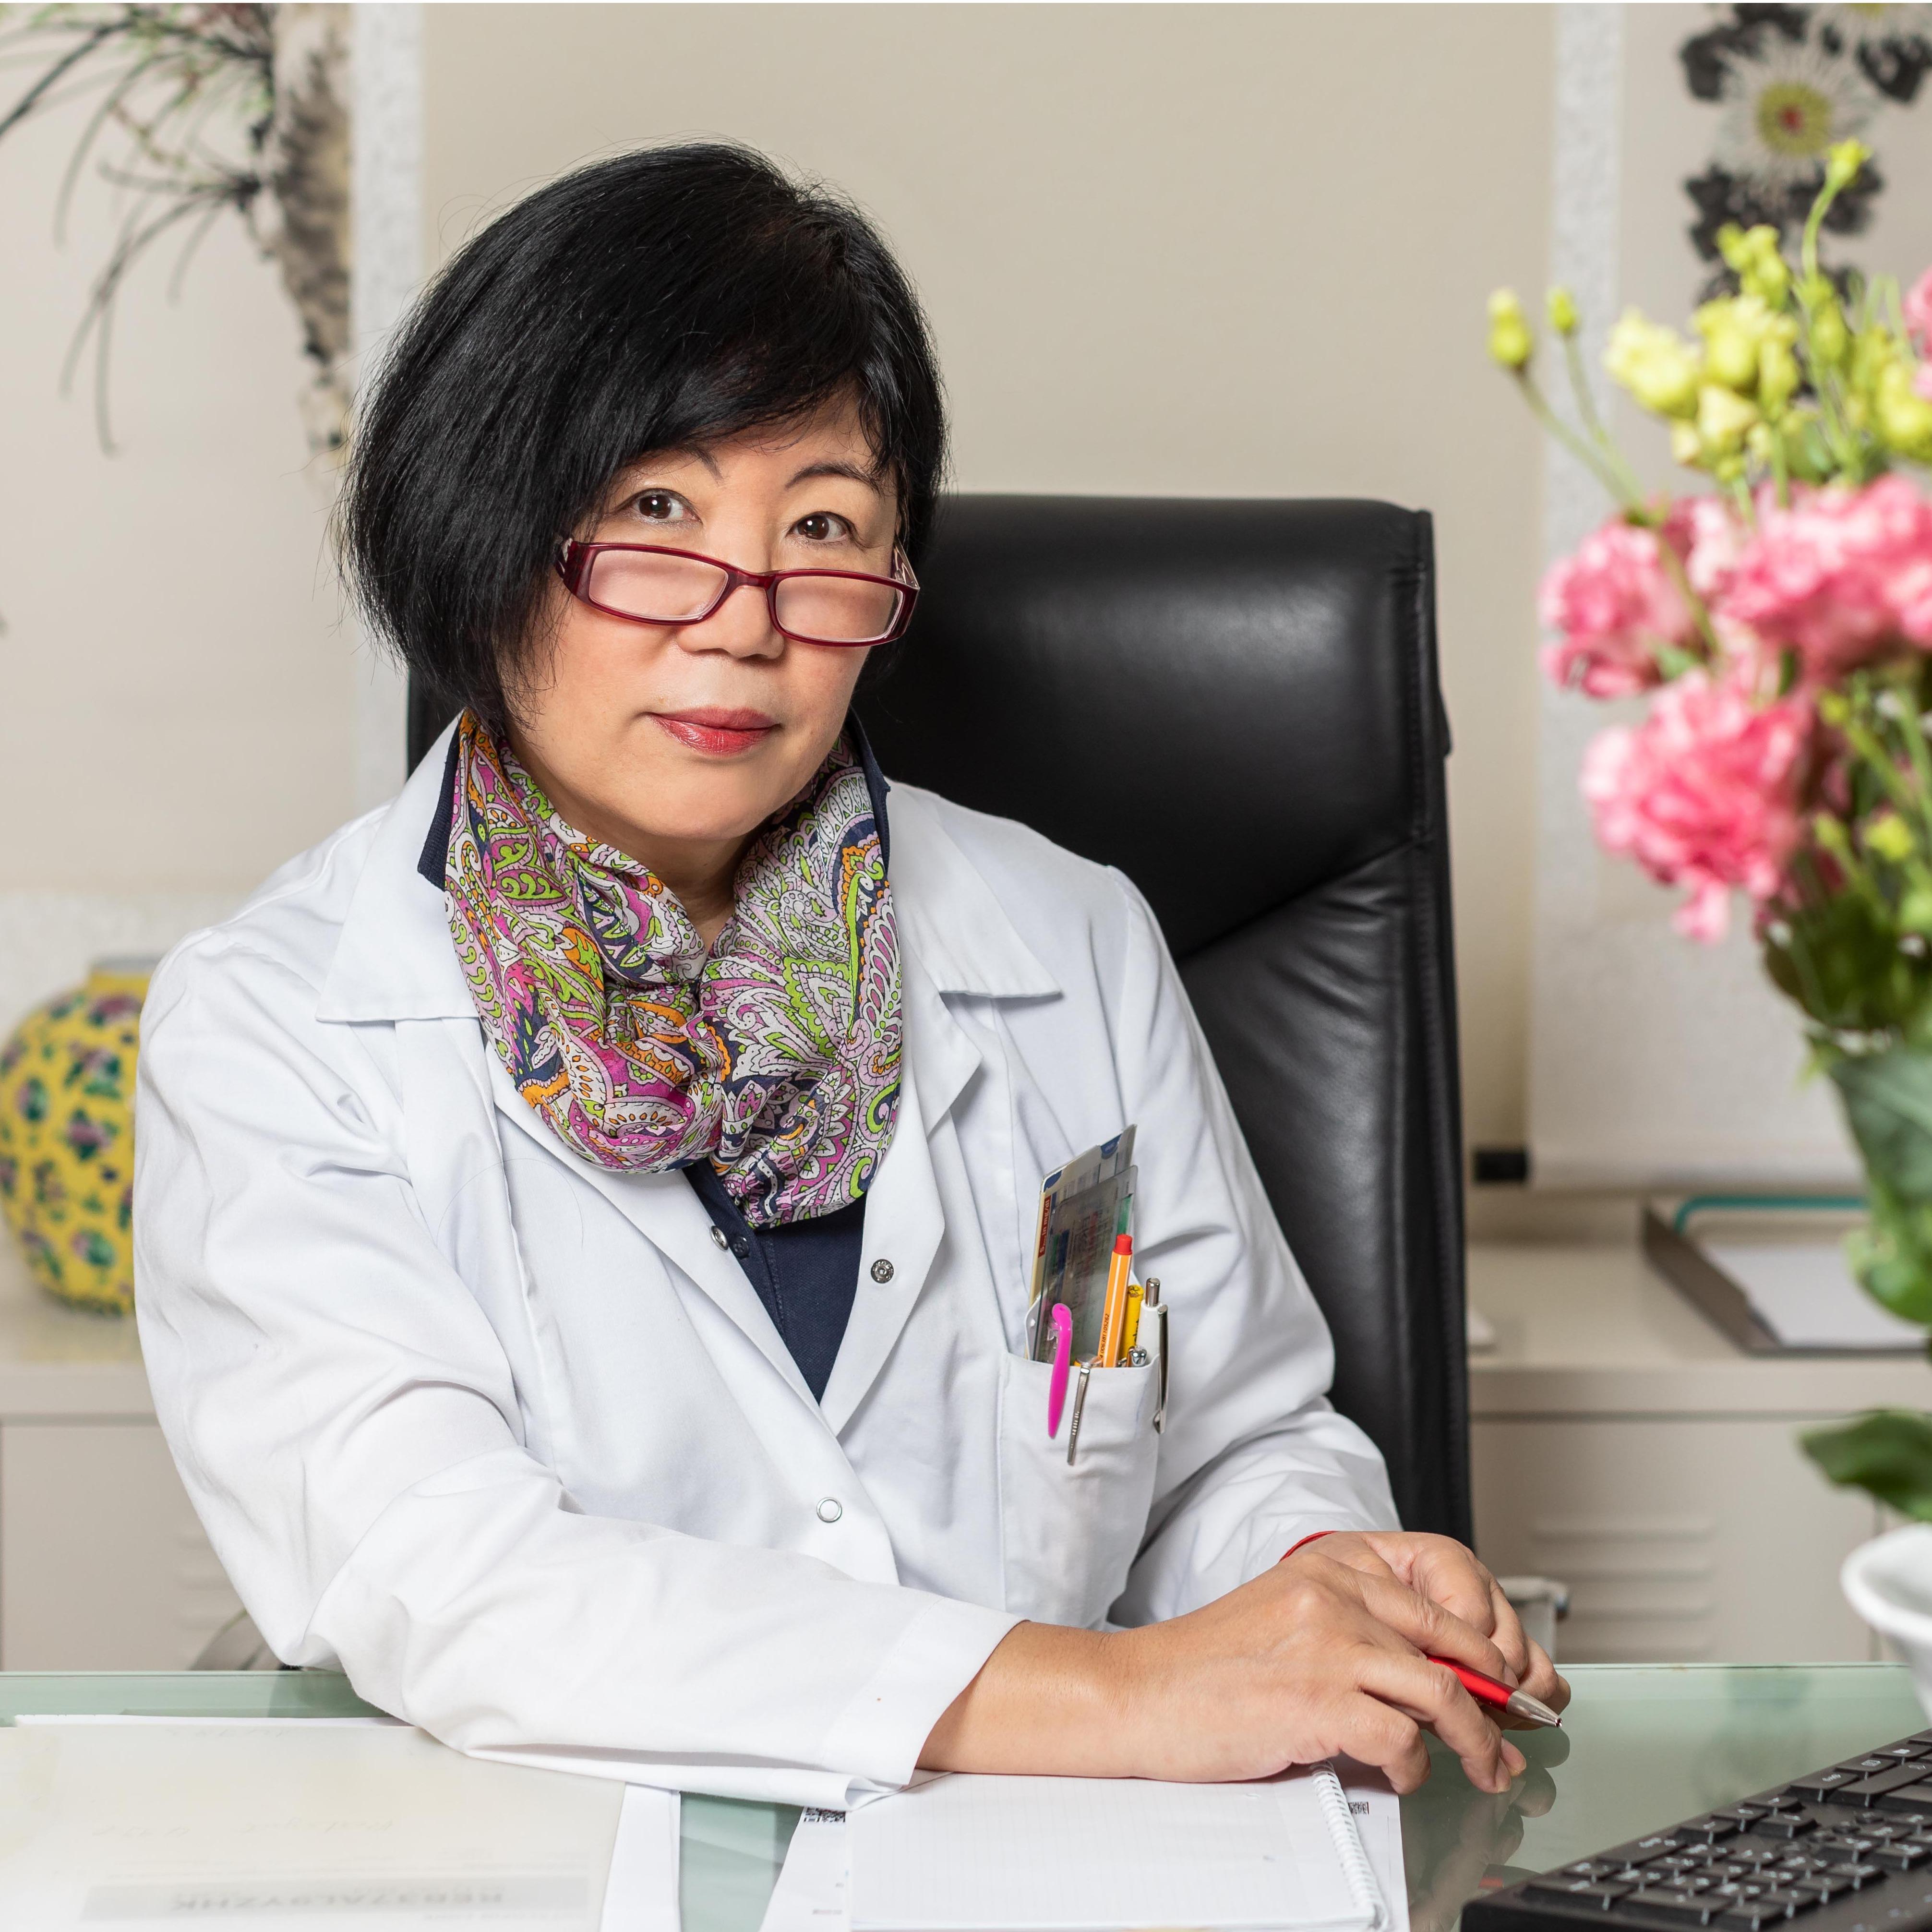 Bild zu Dr. med. Min Liu-Wallow in Köln